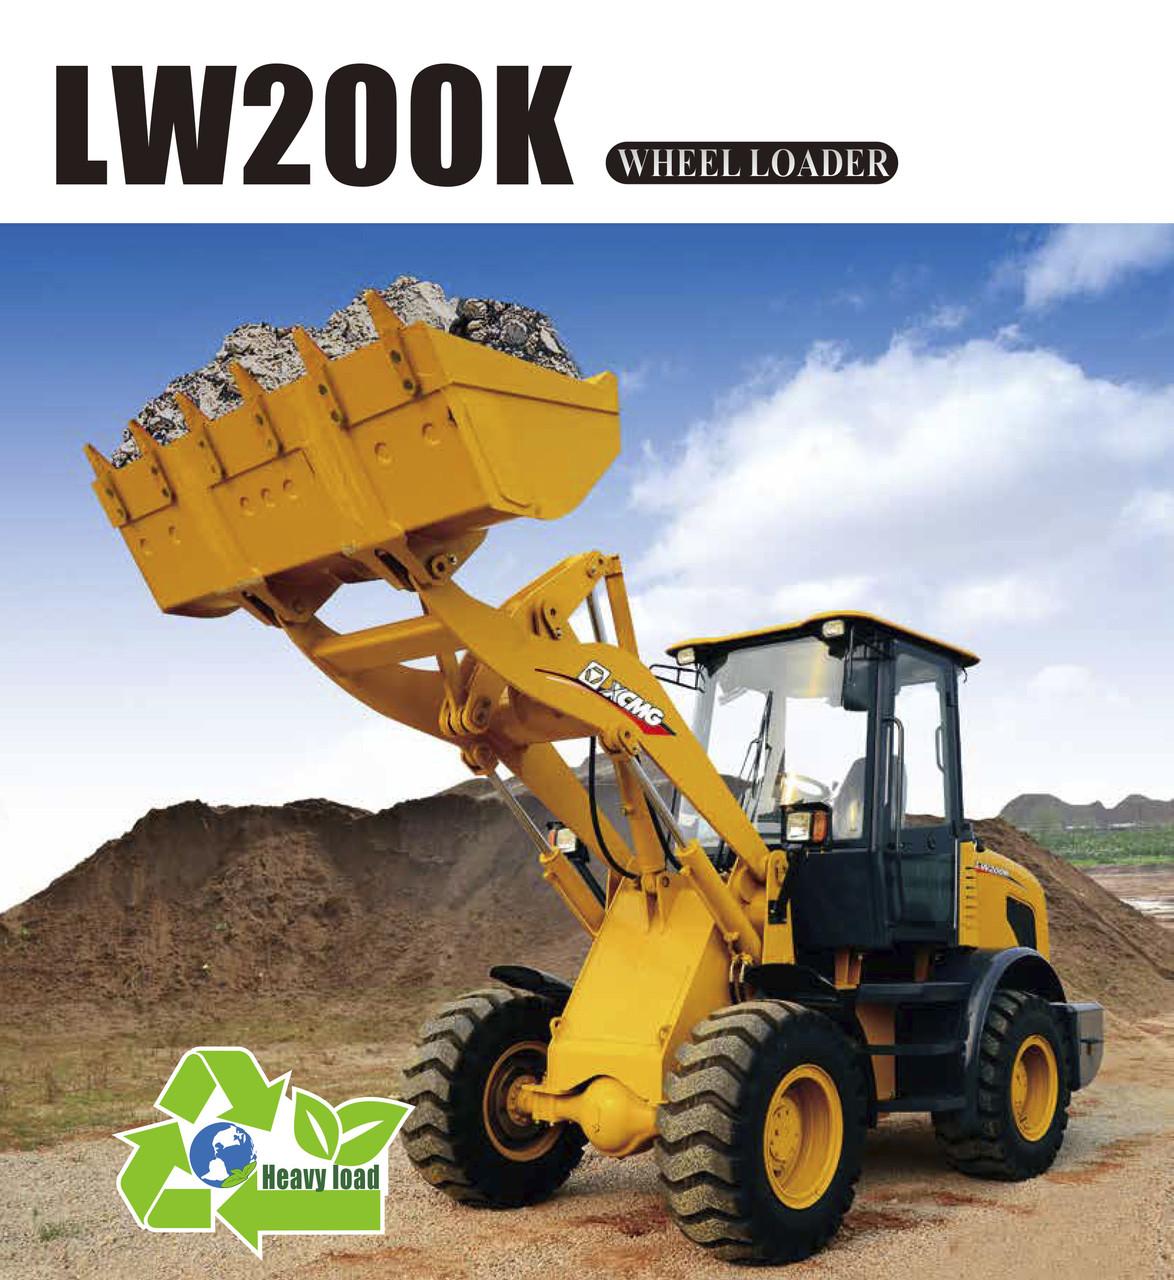 Малий фронтальний навантажувач LW200K